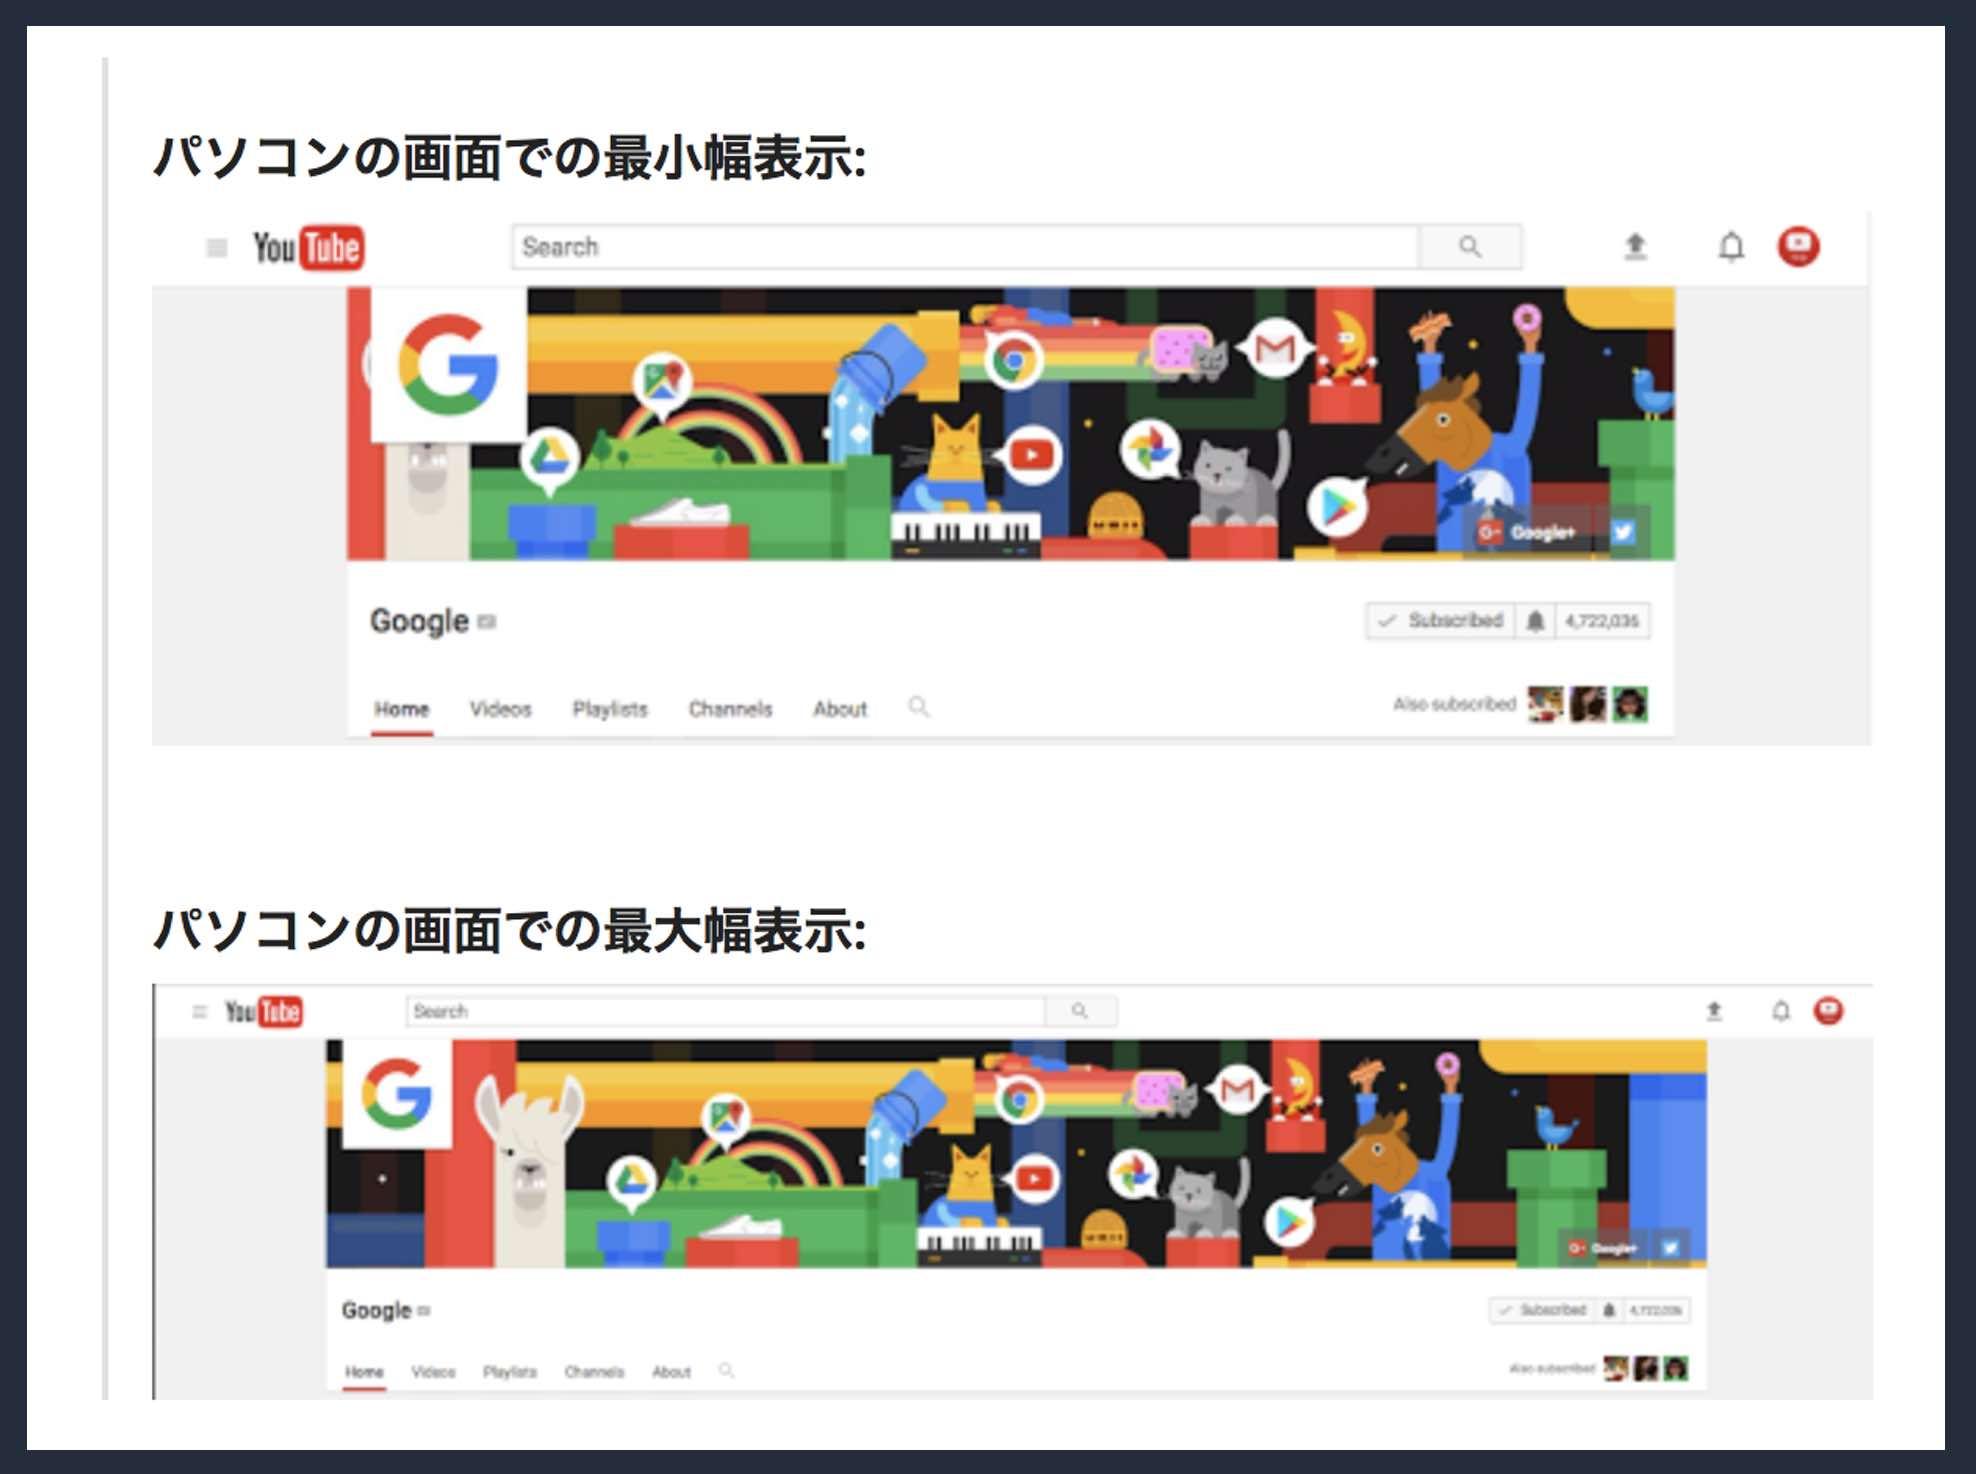 チャンネルアートパソコン表示の画像